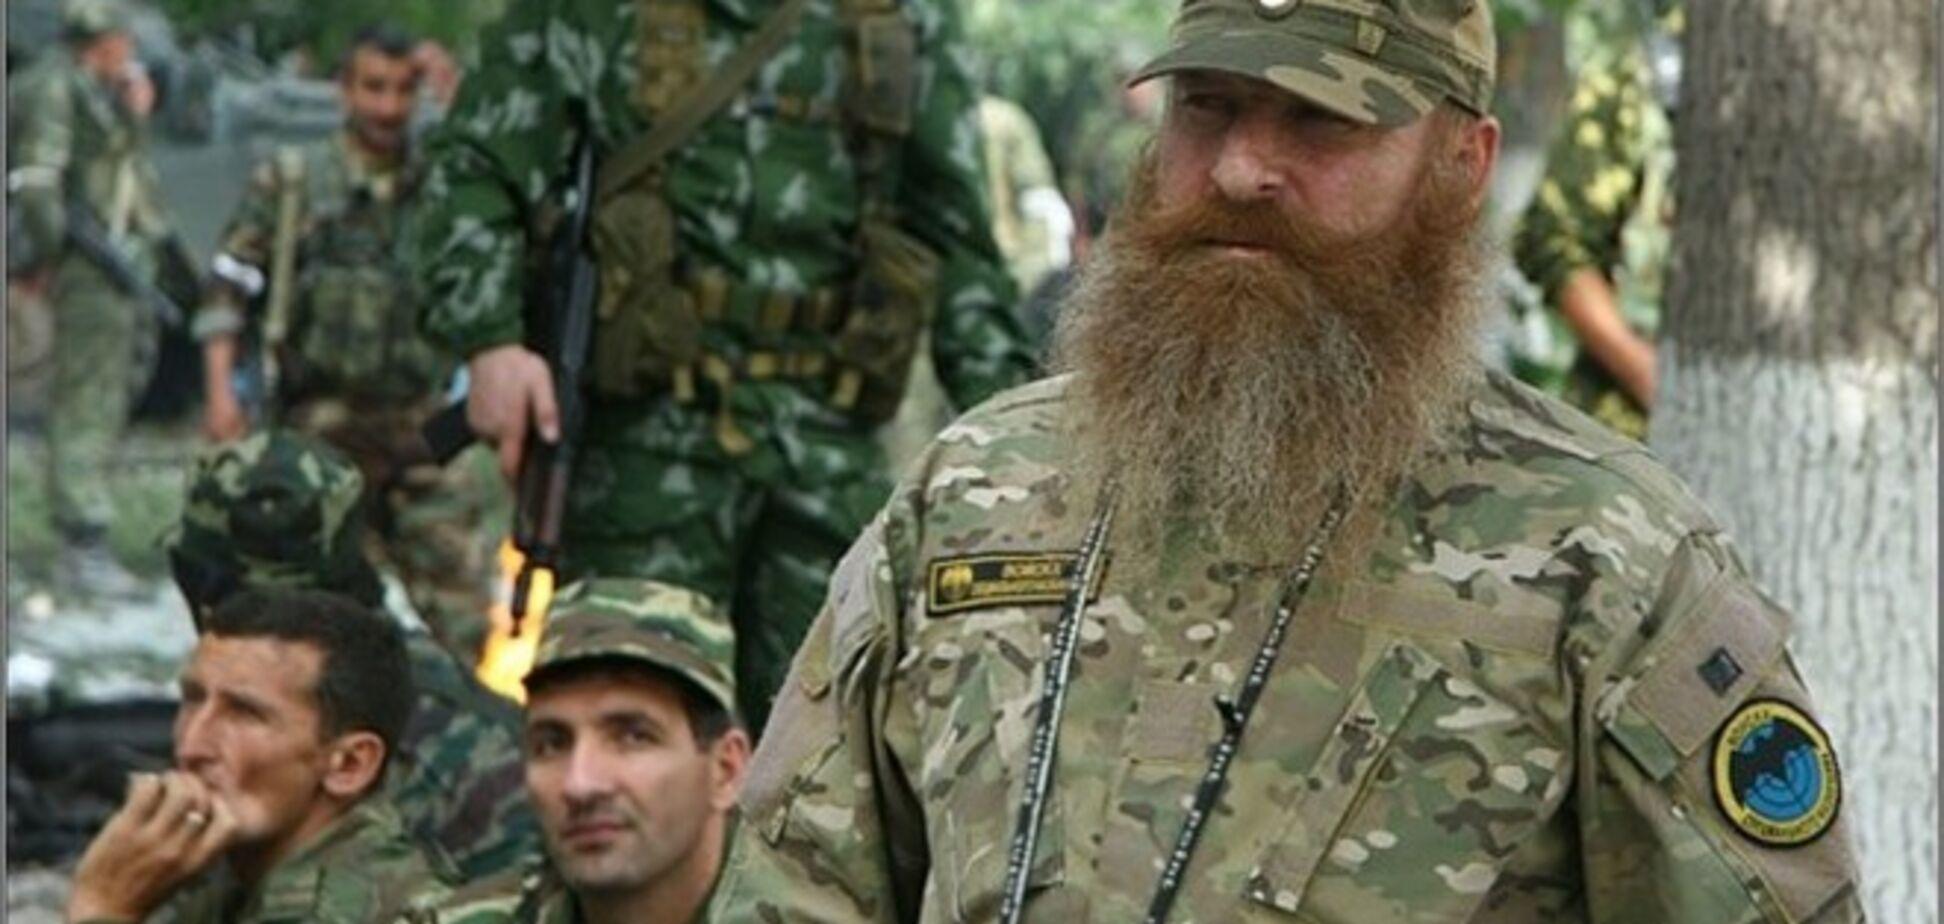 Чеченские наемники собираются сжечь Славянск дотла - источник